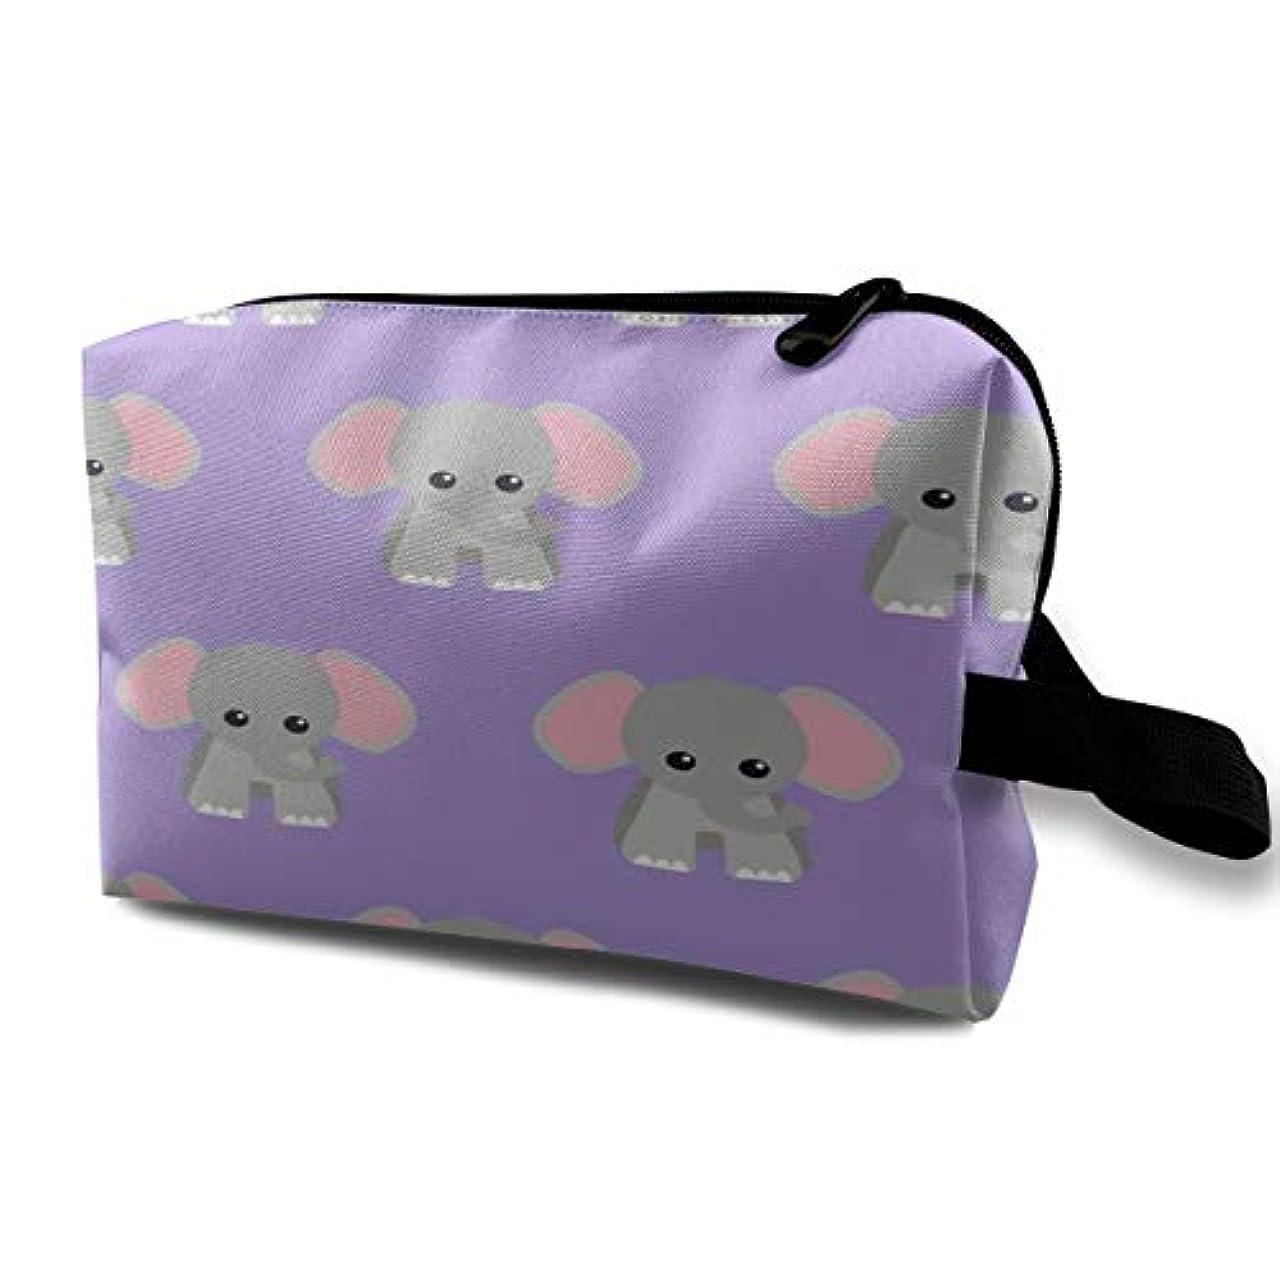 ボイド愛されし者暗唱するBaby Elephant Purple 収納ポーチ 化粧ポーチ 大容量 軽量 耐久性 ハンドル付持ち運び便利。入れ 自宅?出張?旅行?アウトドア撮影などに対応。メンズ レディース トラベルグッズ